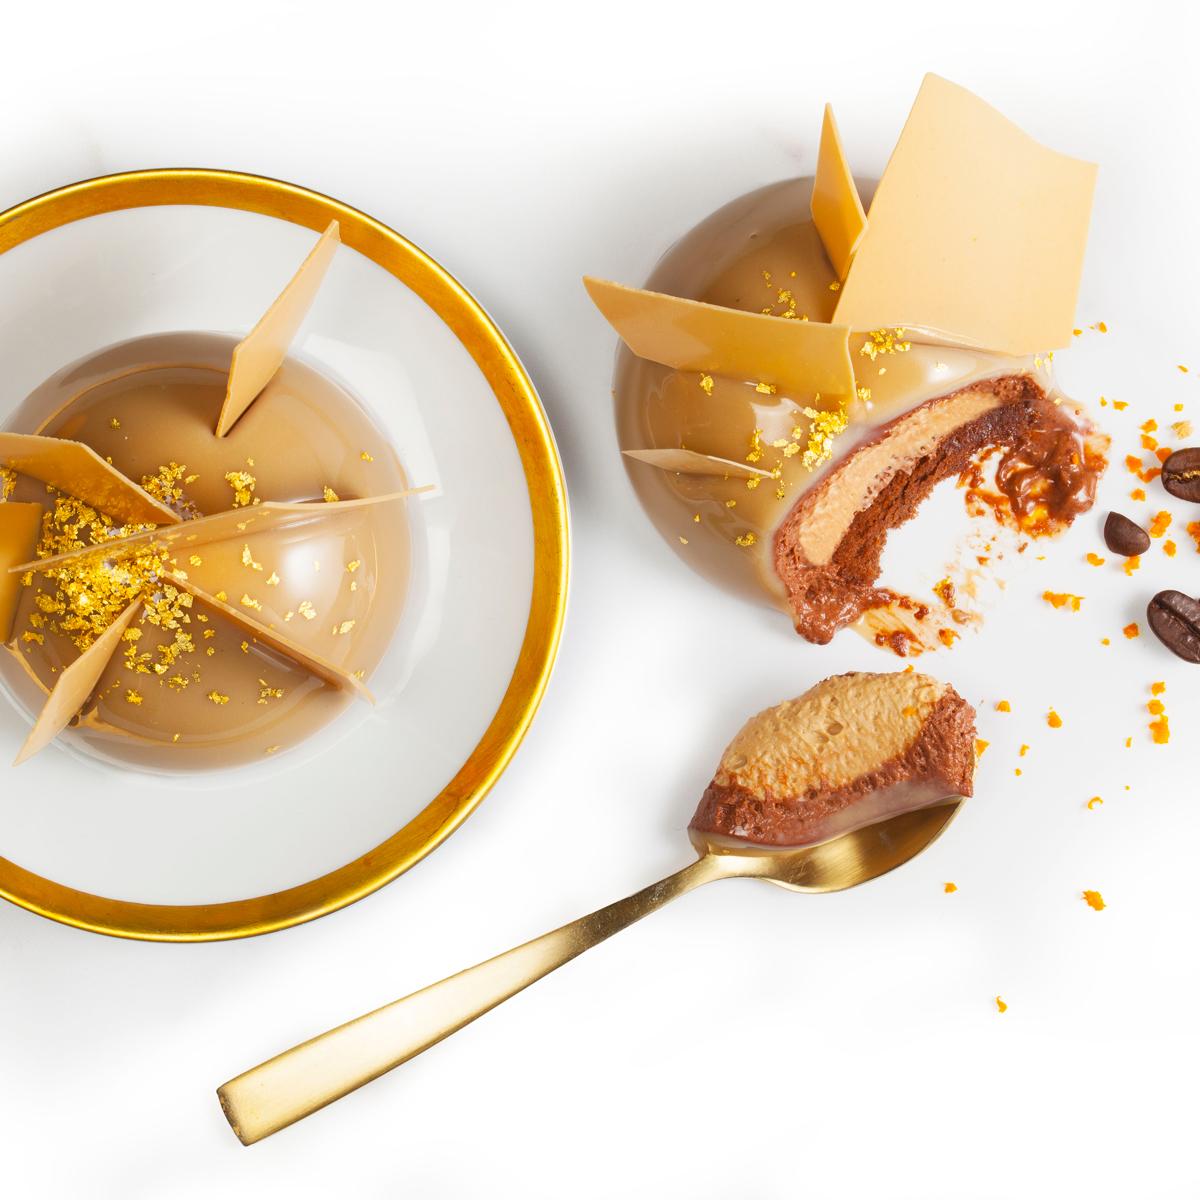 Imagen de producto: https://tienda.postreadiccion.com/img/articulos/secundarias13768-25-kg-chocolate-gold-callebaut-en-gotas-a-granel-2.jpg